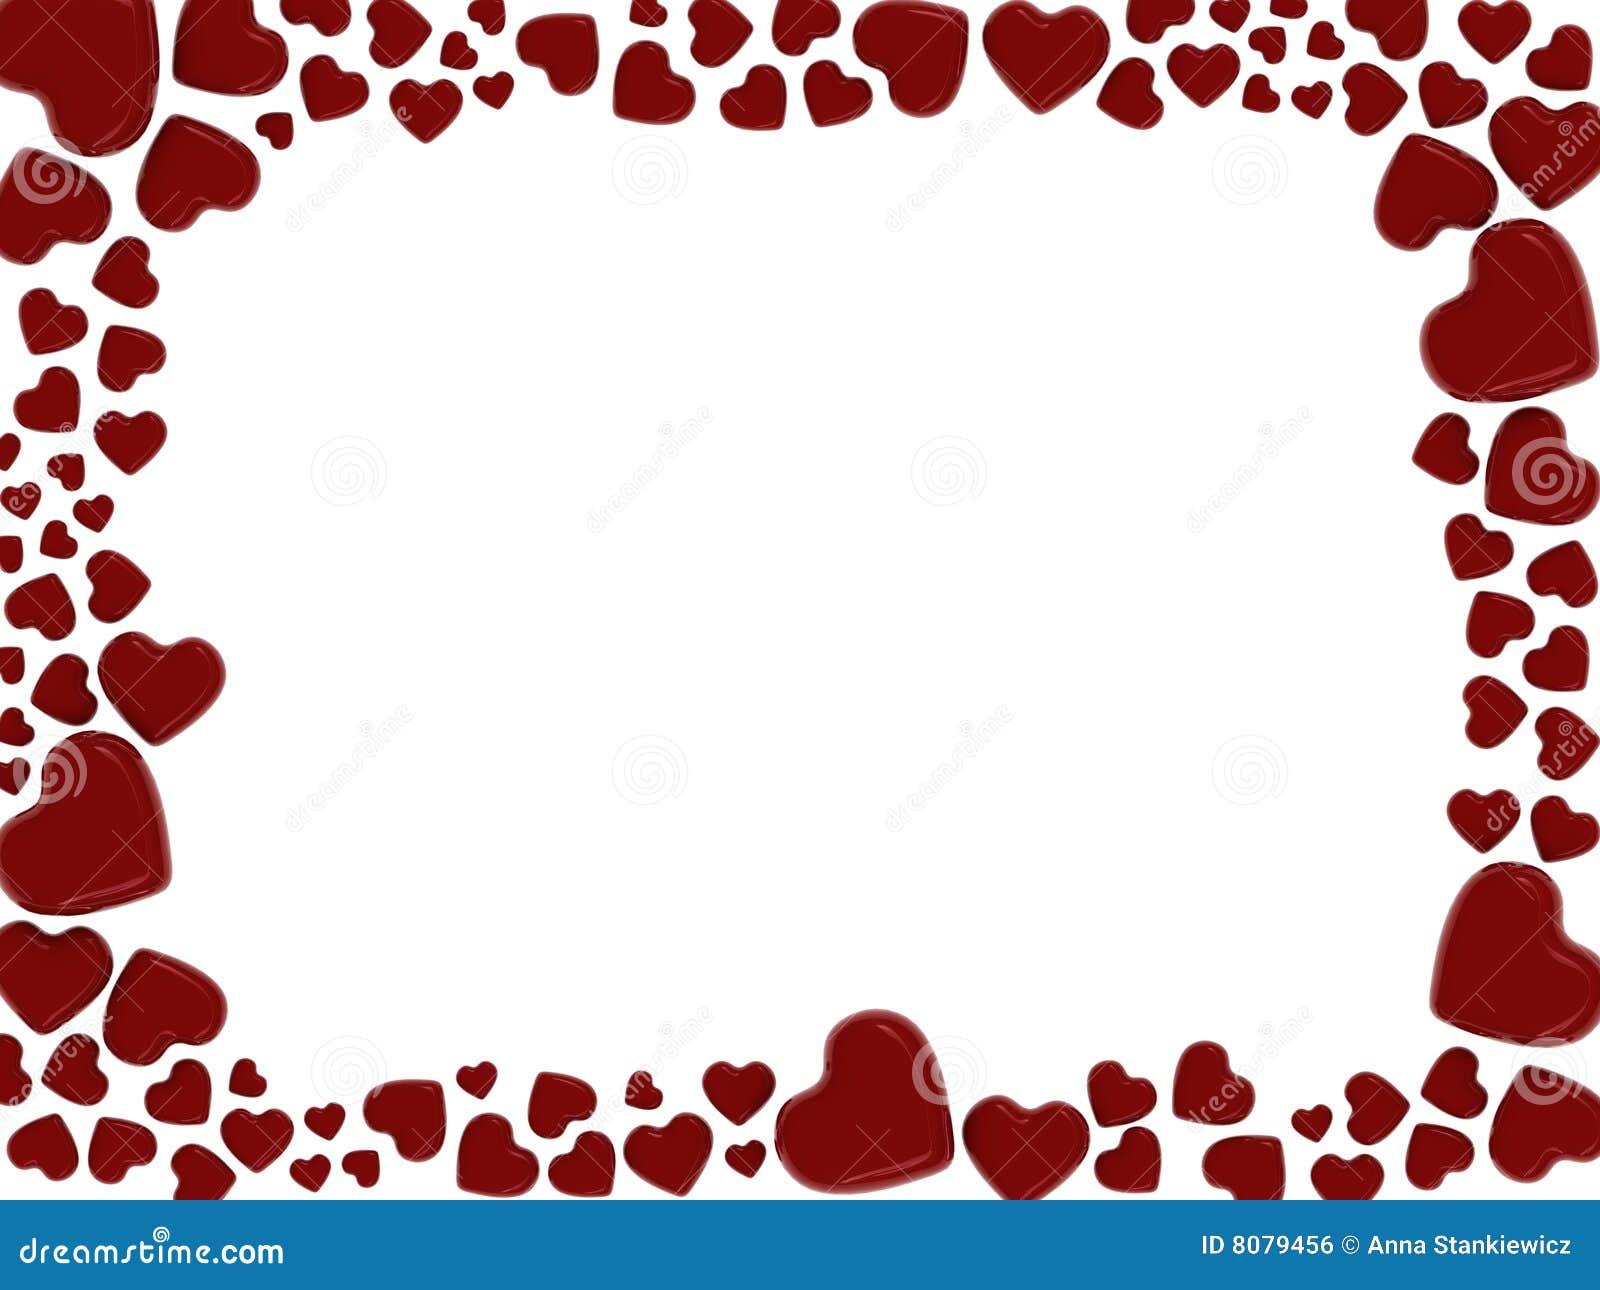 Marco de los corazones imagen de archivo libre de regal as - Marcos de corazones para fotos ...